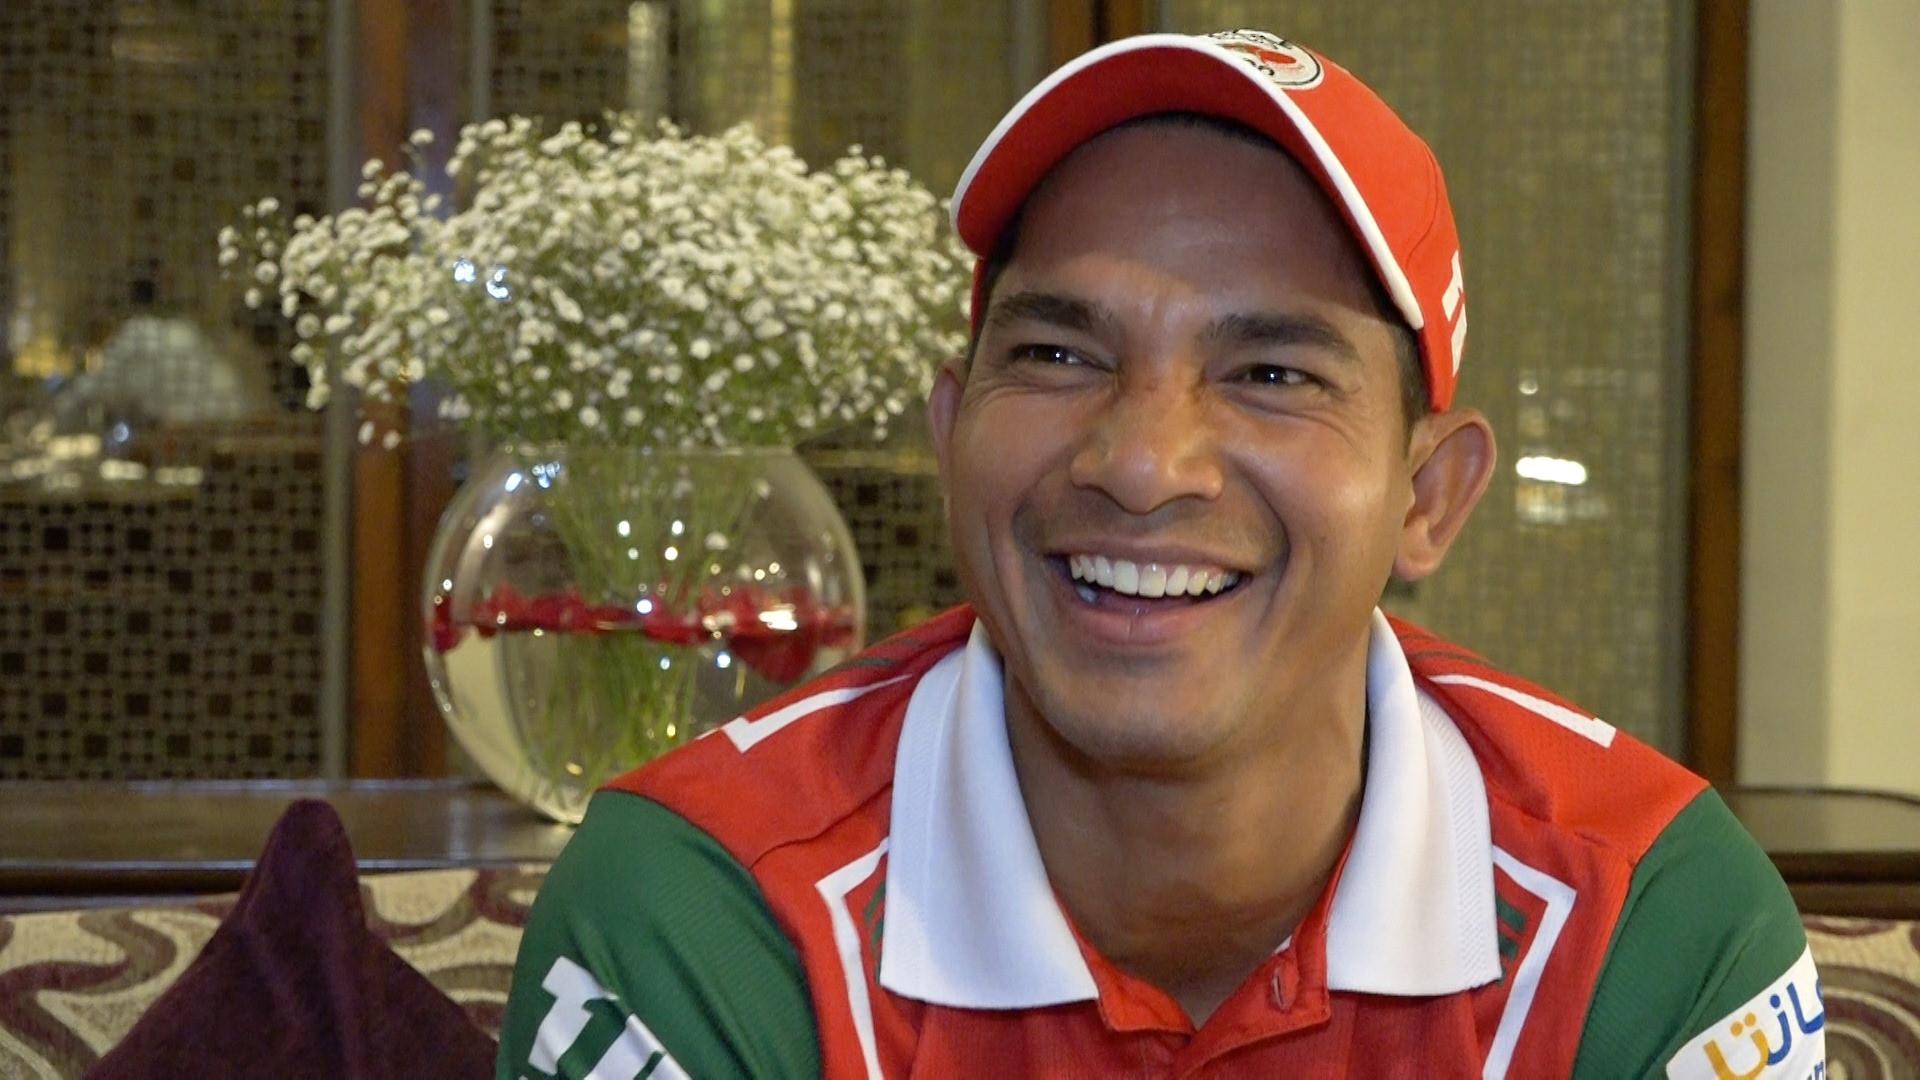 ओमानको राष्ट्रिय क्रिकेट टोलीमा रहेका नेपाली मूलका विकेटकिपर/ब्याट्सम्यान सुरज कुमार। तस्बिर : सेतोपाटी